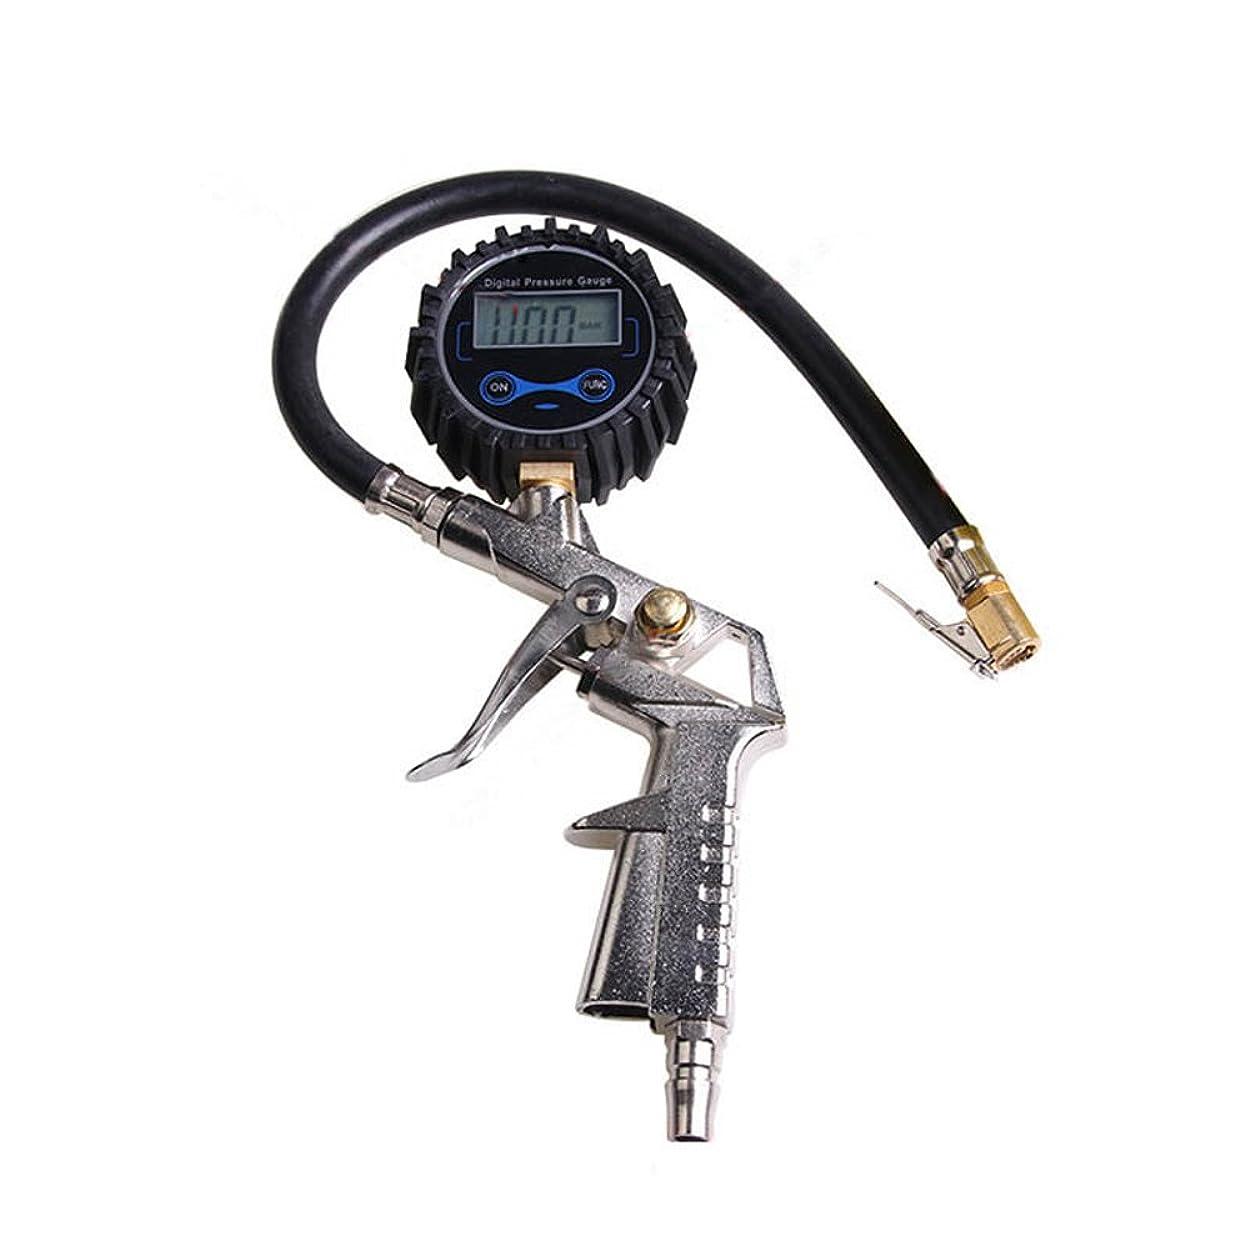 シャンパン背景動く車用 220psi/ 16barまで タイヤ空気圧ゲージ タイヤゲージ エアゲージ デジタルタイヤプレッシャーゲージ